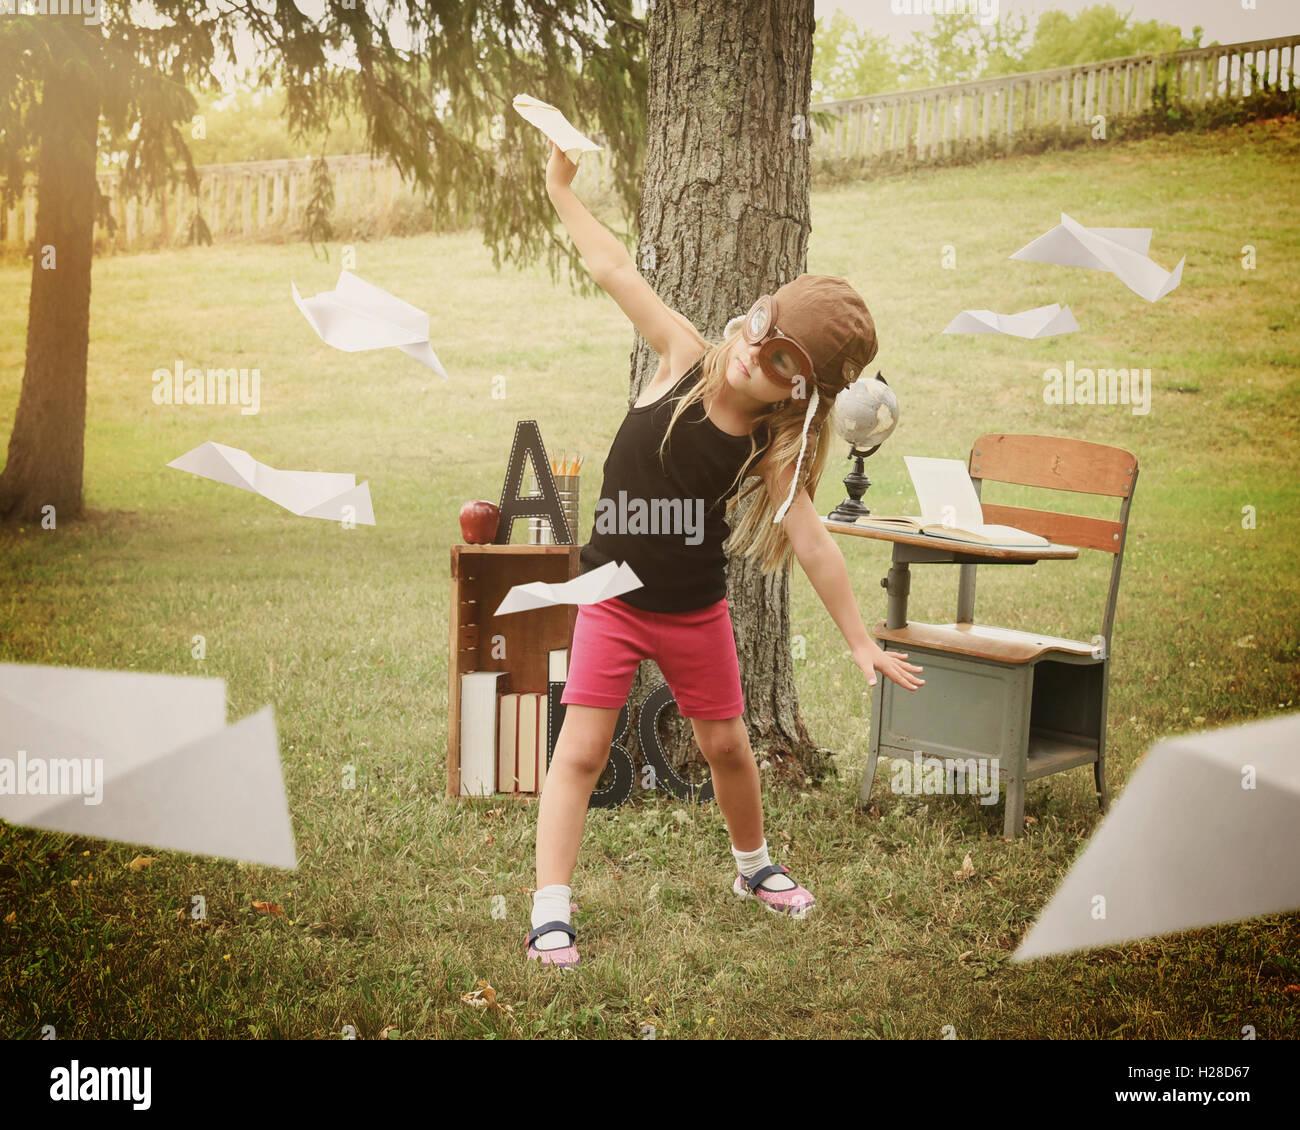 Un petit enfant fait semblant d'être un pilote aux commandes d'avions de papier dans une salle de classe à l'extérieur pour un concept d'éducation ou de la créativité. Banque D'Images